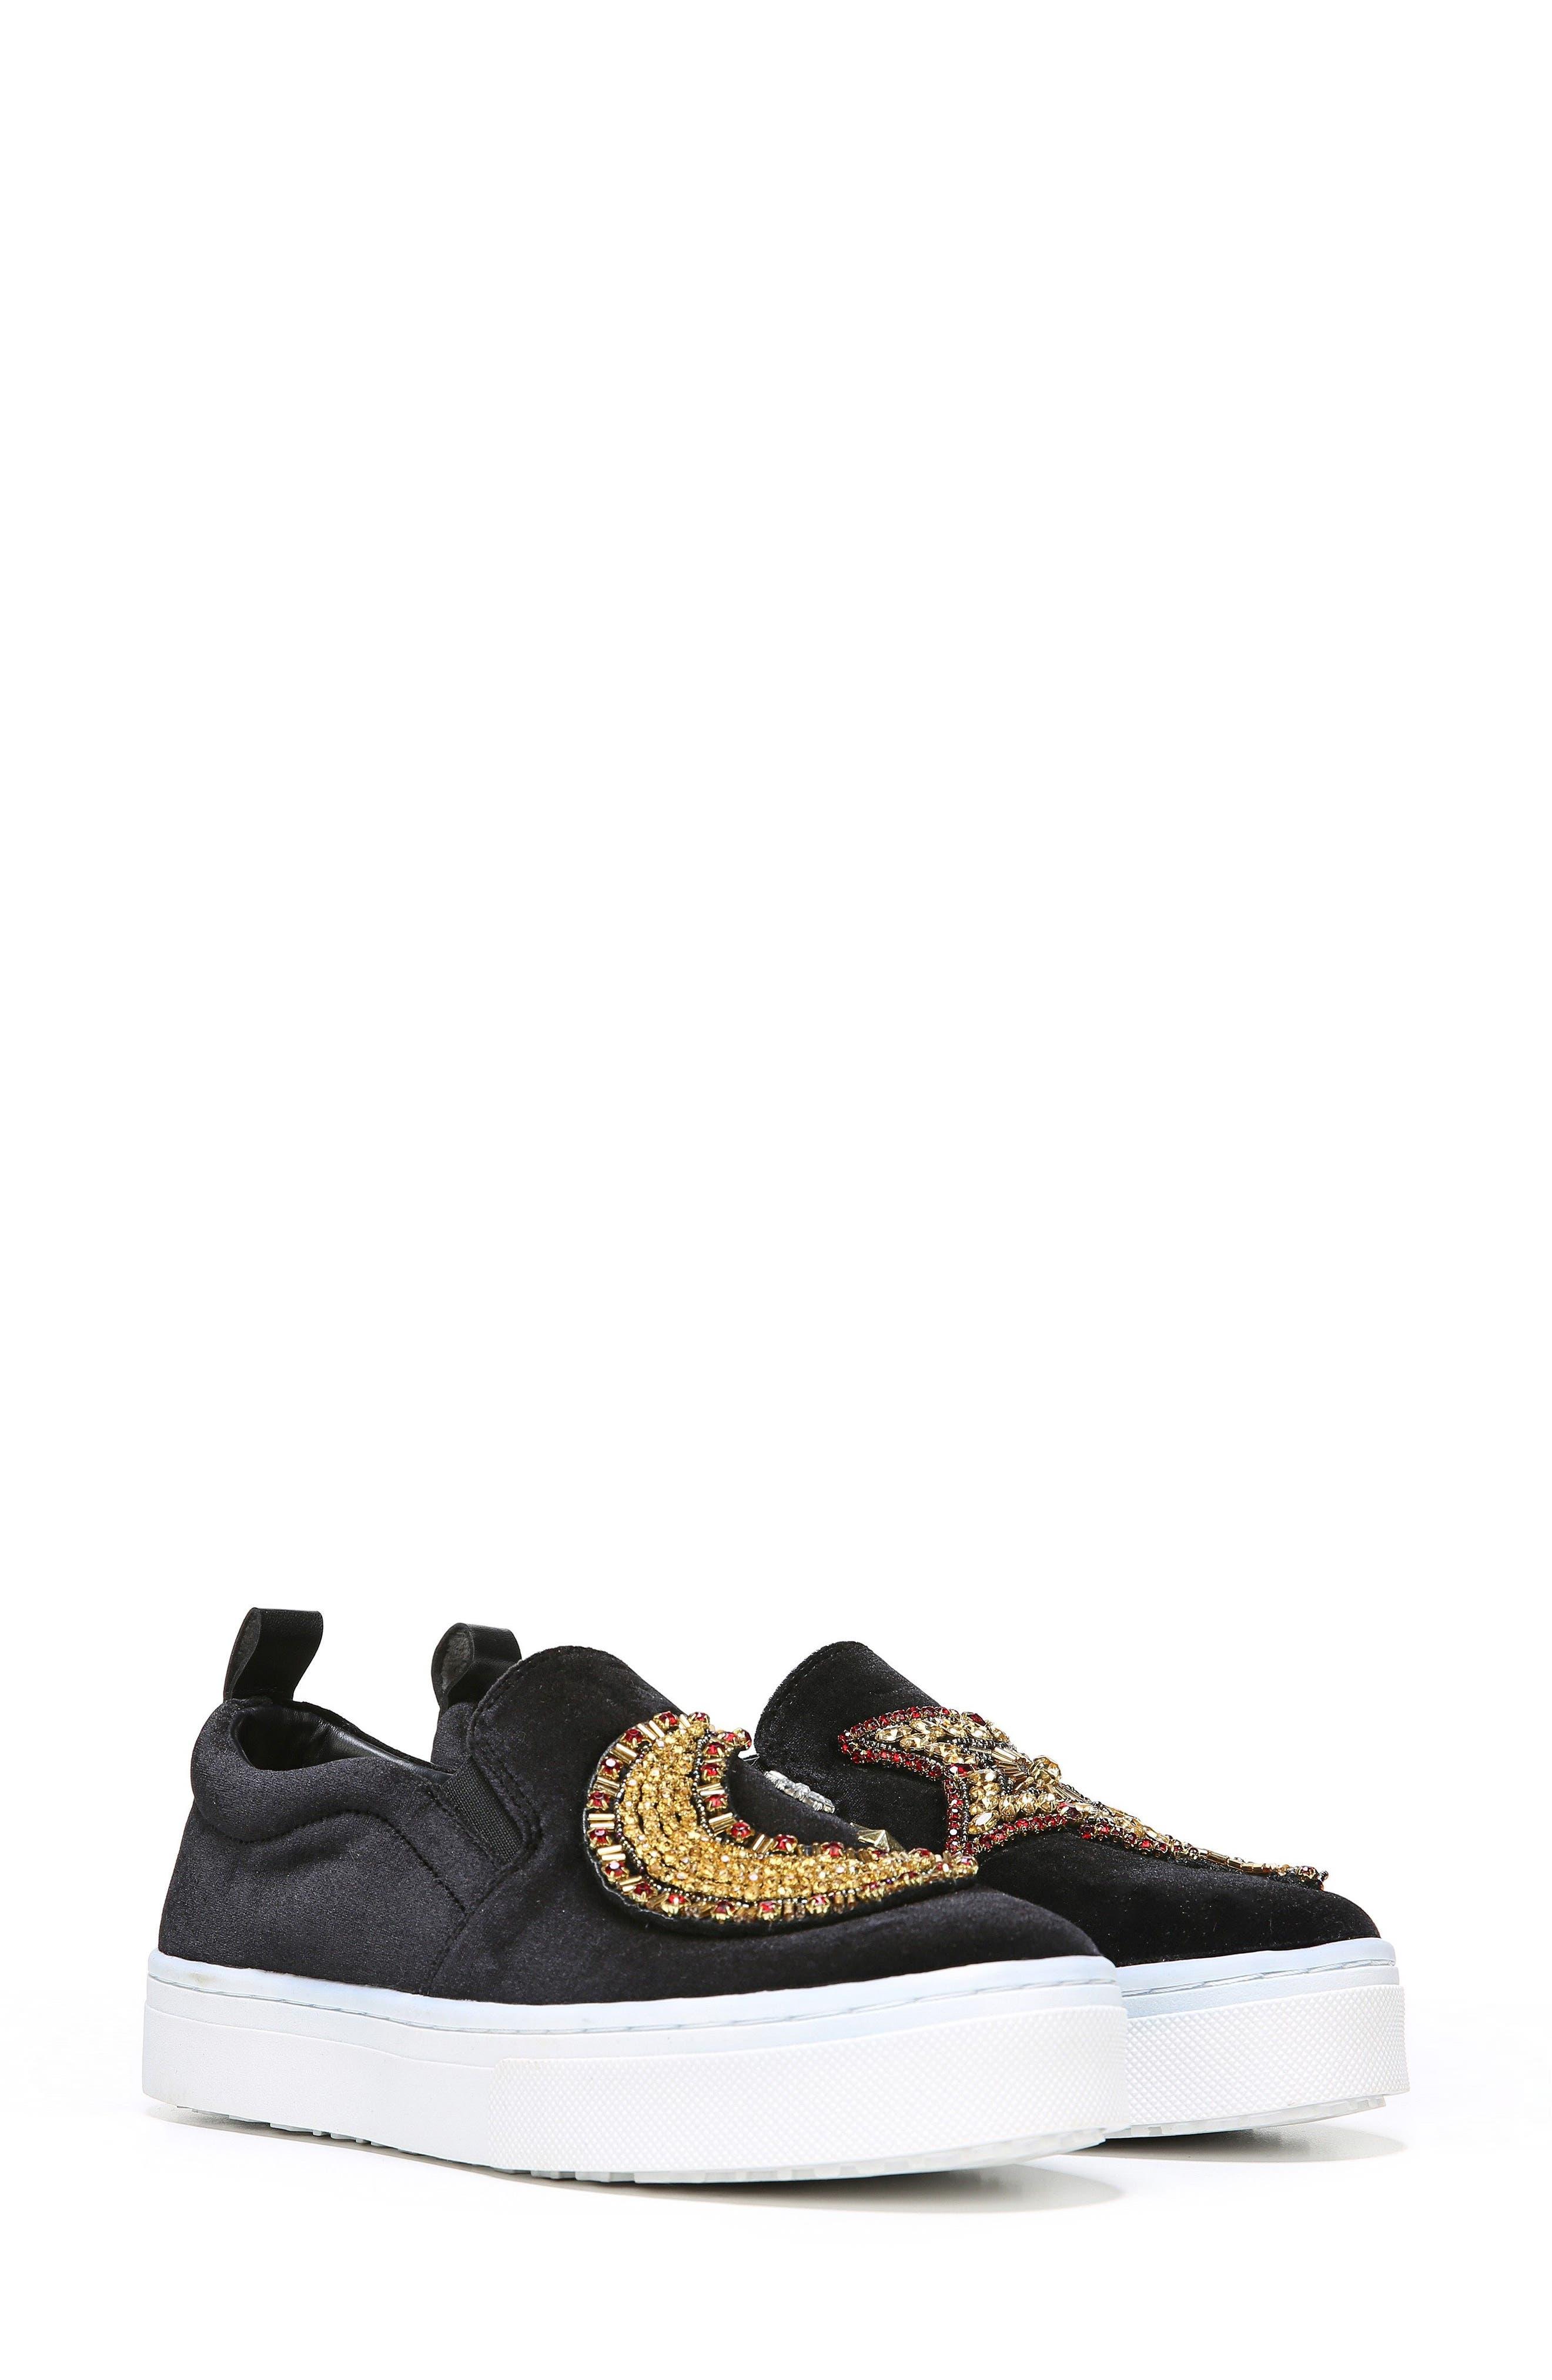 Leila Embellished Platform Sneaker,                             Alternate thumbnail 2, color,                             001